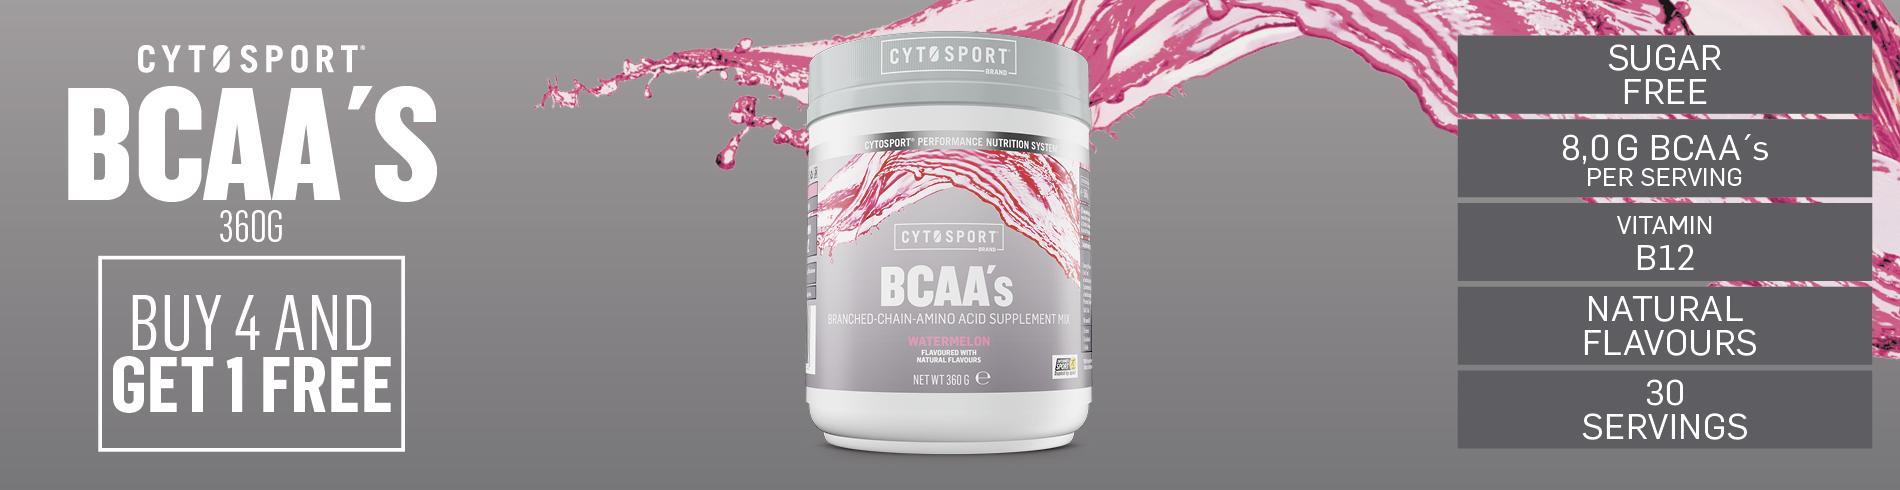 Cytosport BCAA